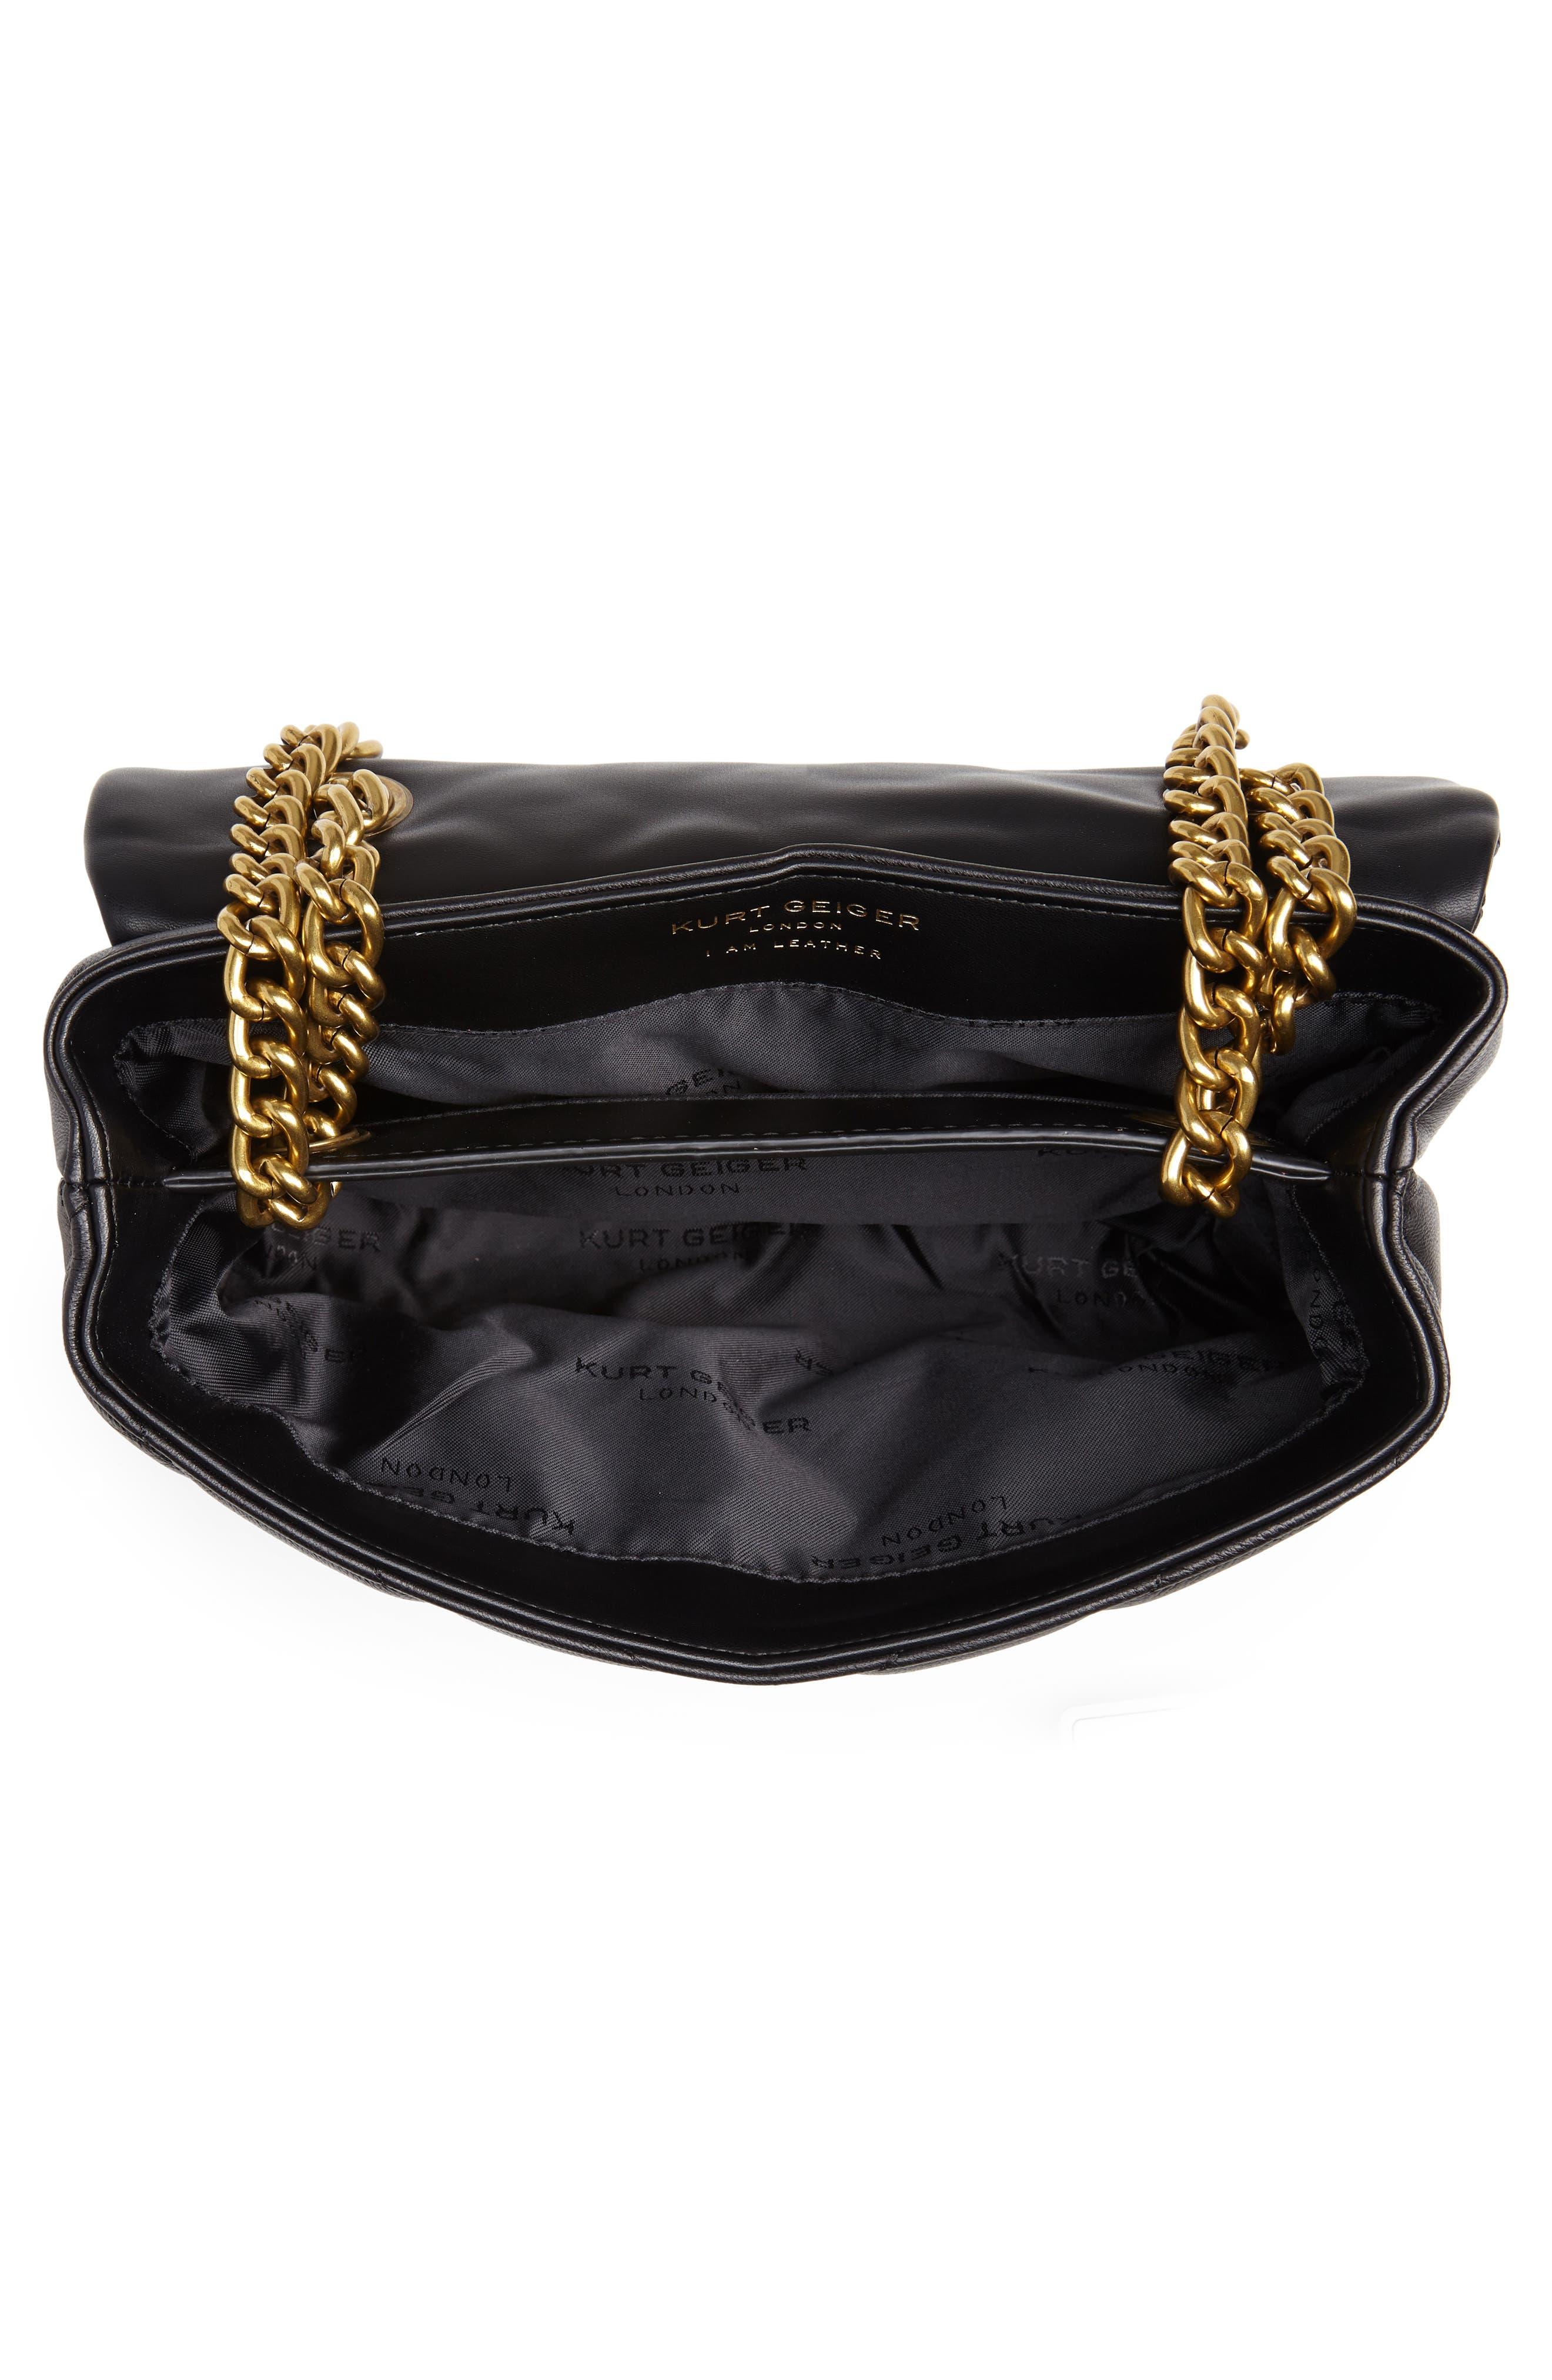 KURT GEIGER LONDON,                             Kensington Quilted Leather Shoulder Bag,                             Alternate thumbnail 4, color,                             BLACK